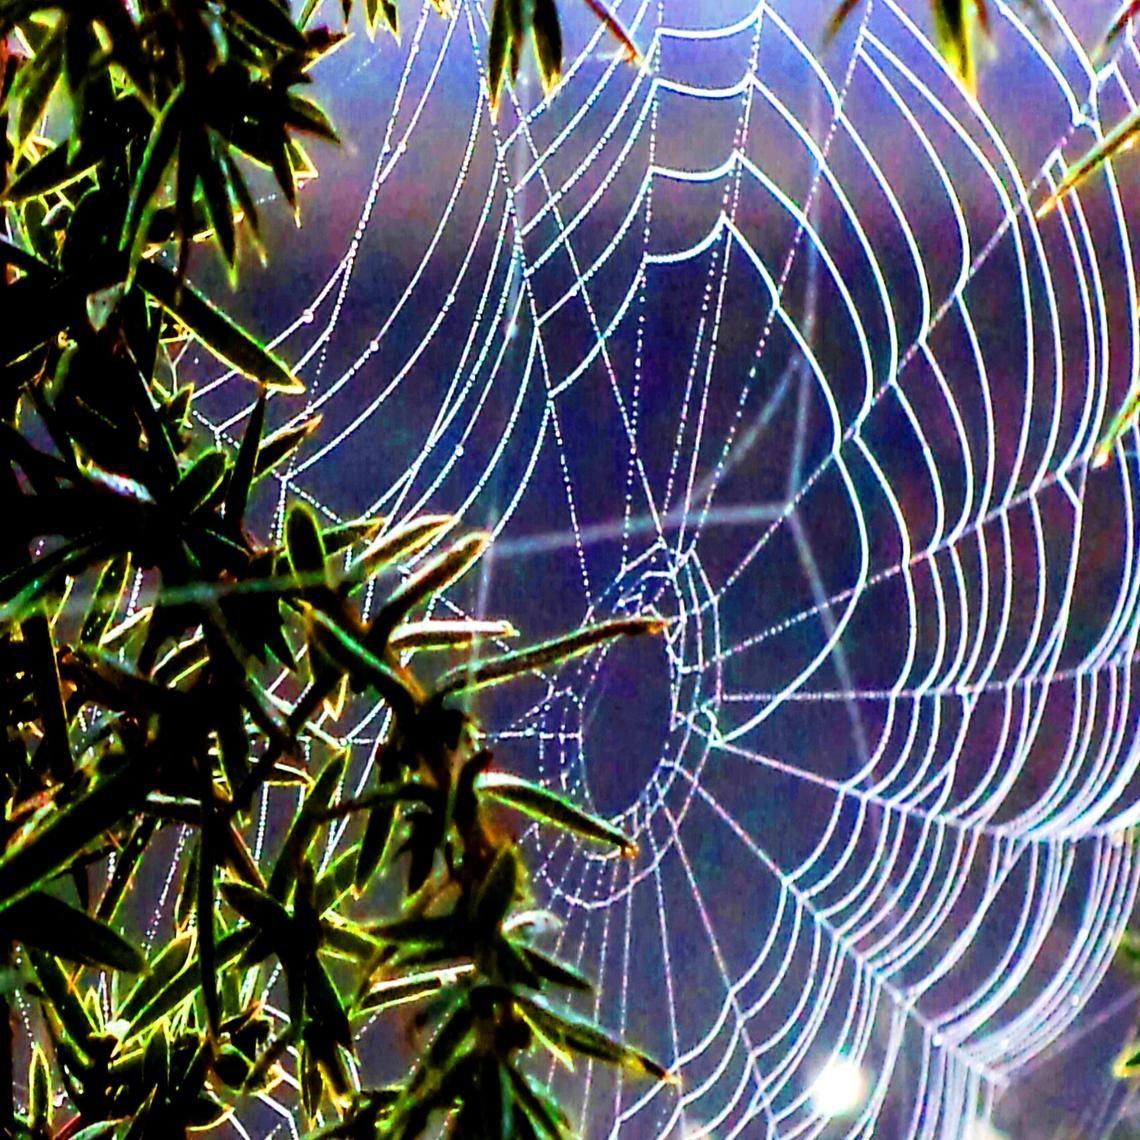 Das Spinnengewebe